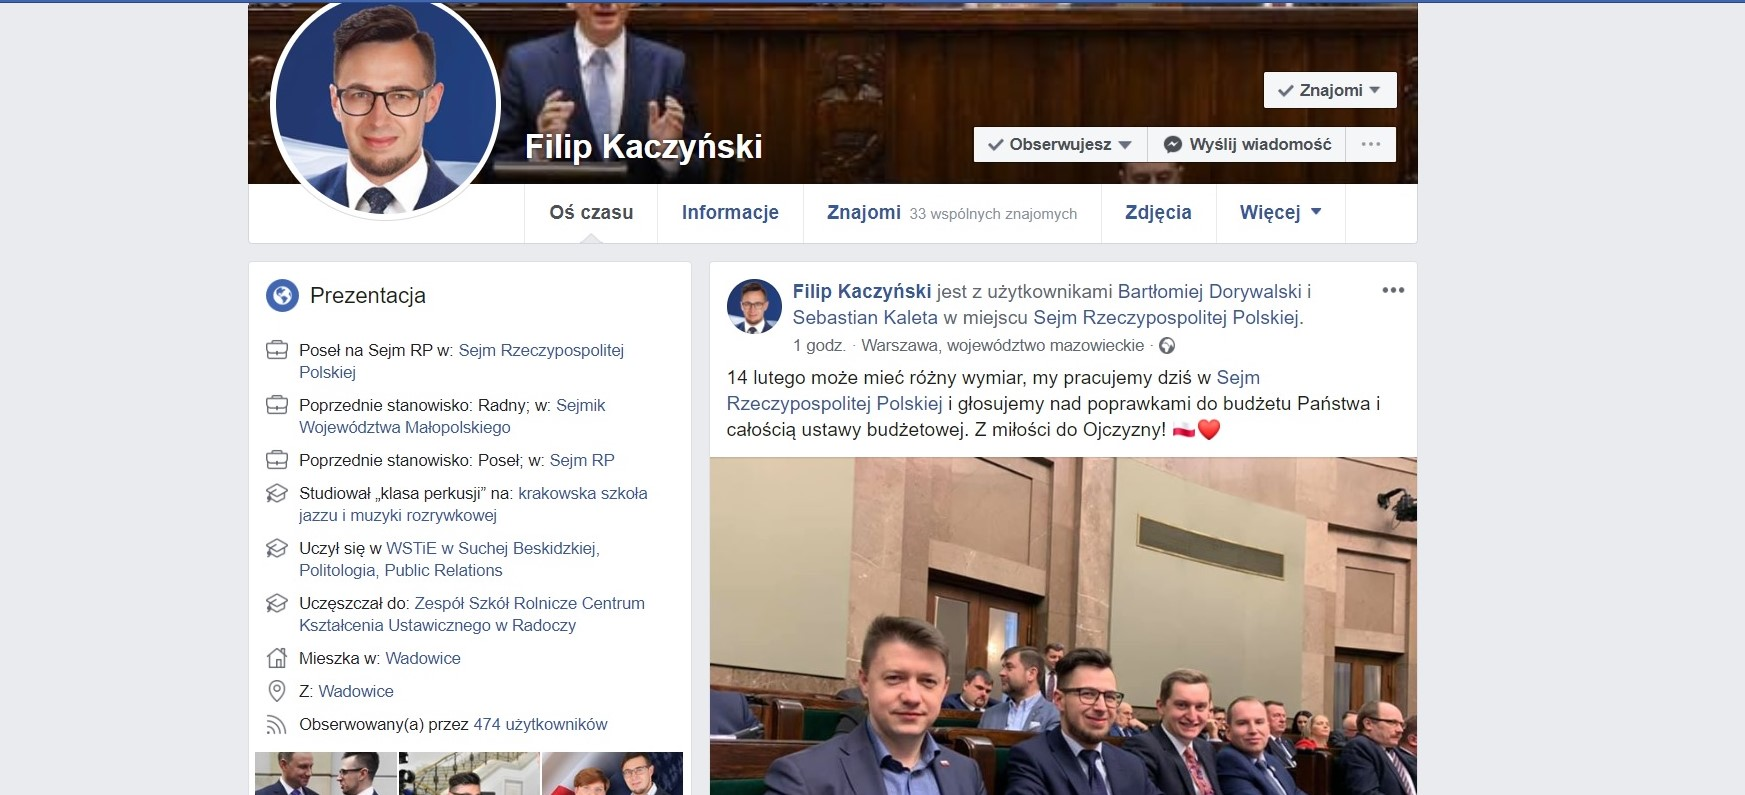 Młody poseł Kaczyński pracuje 'z miłości do Ojczyzny', ale milionów na BDI nie będzie